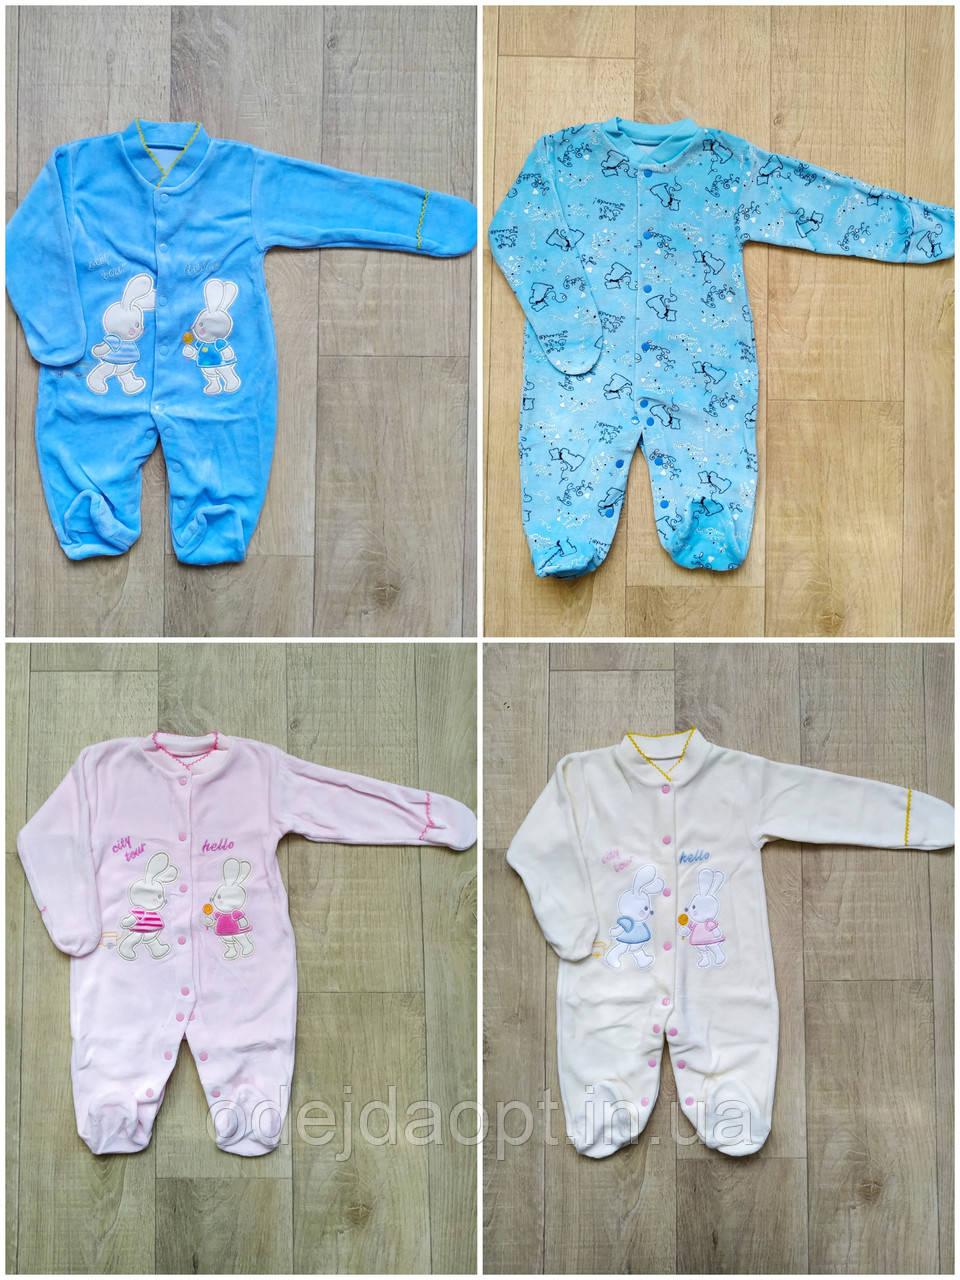 Человечек для новорожденных велюр на кнопках с вышивкой 56,62,68 см